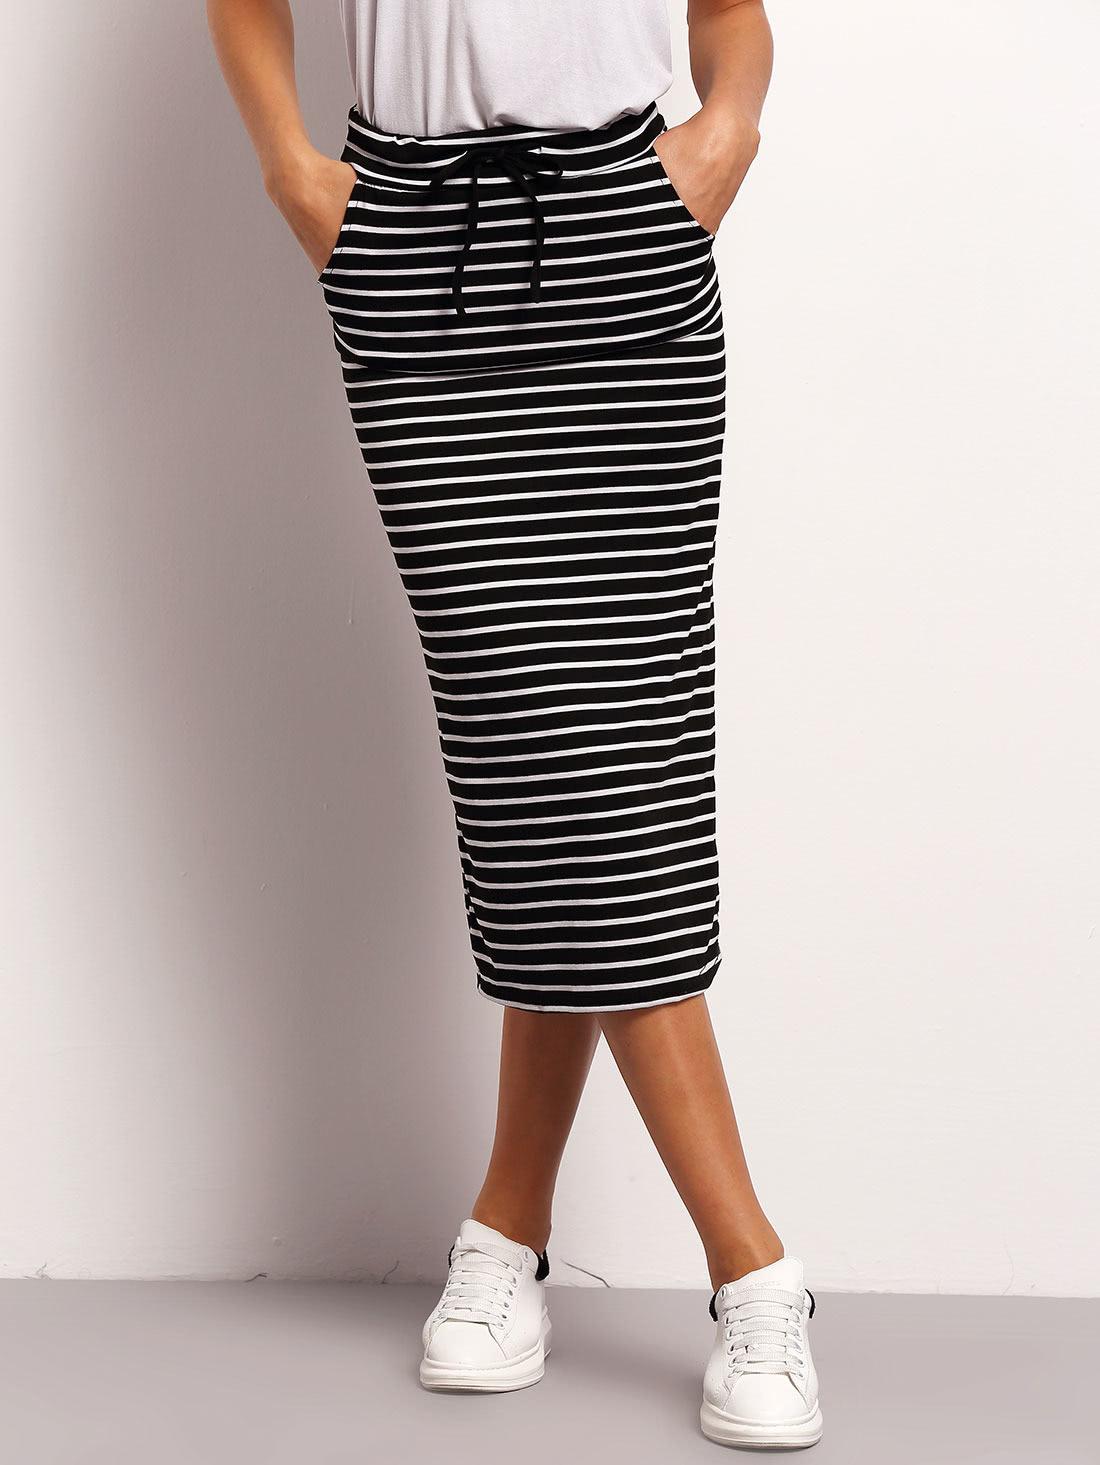 Black White Drawstring Waist Striped Skirt